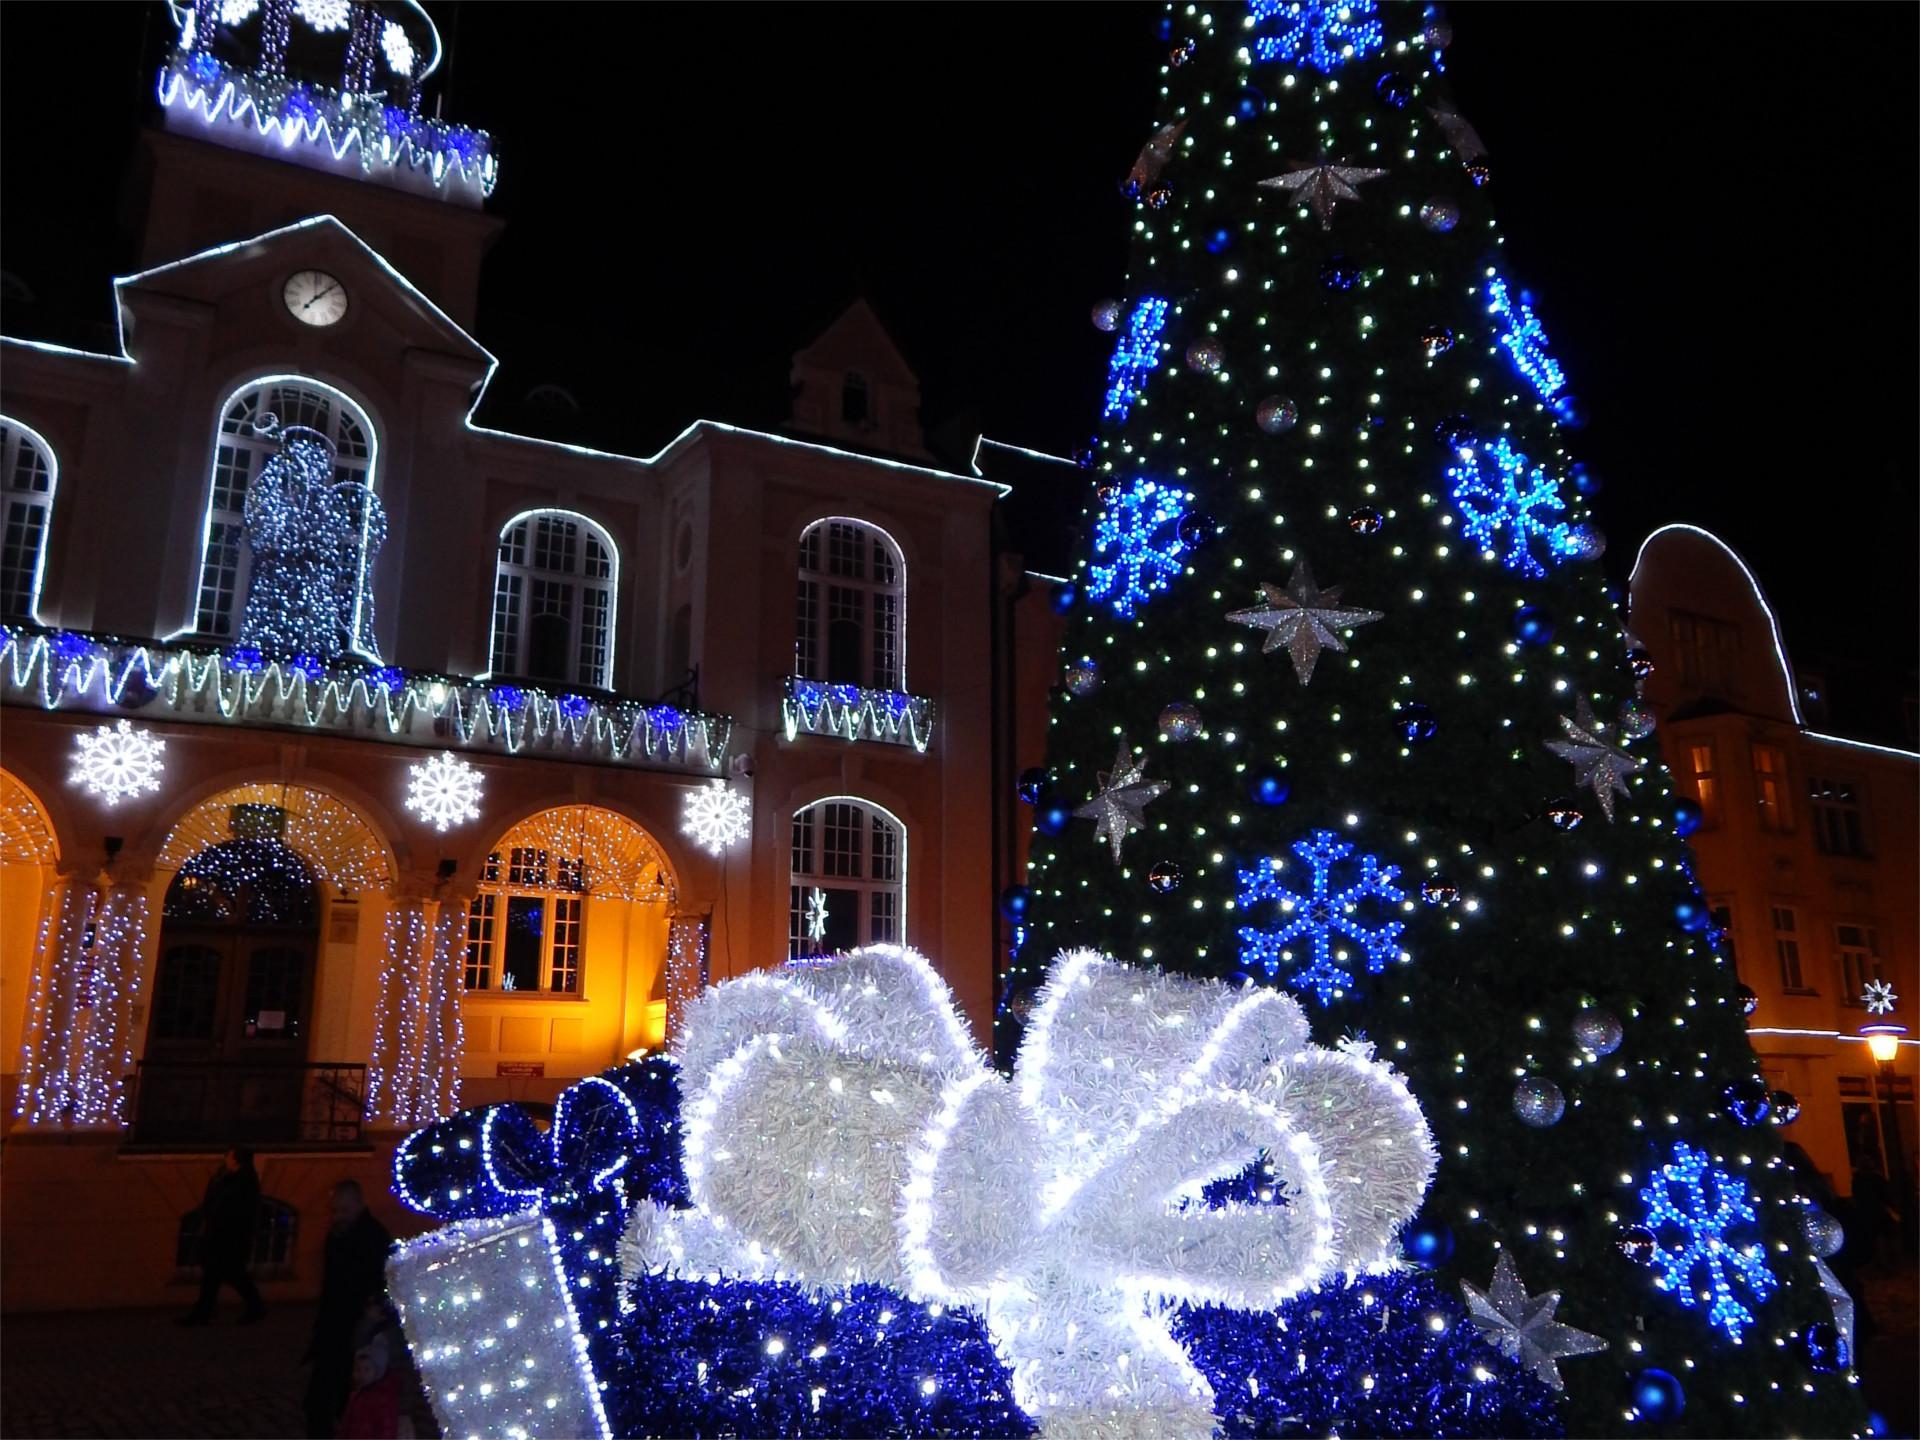 Weihnachtsdekoration außen